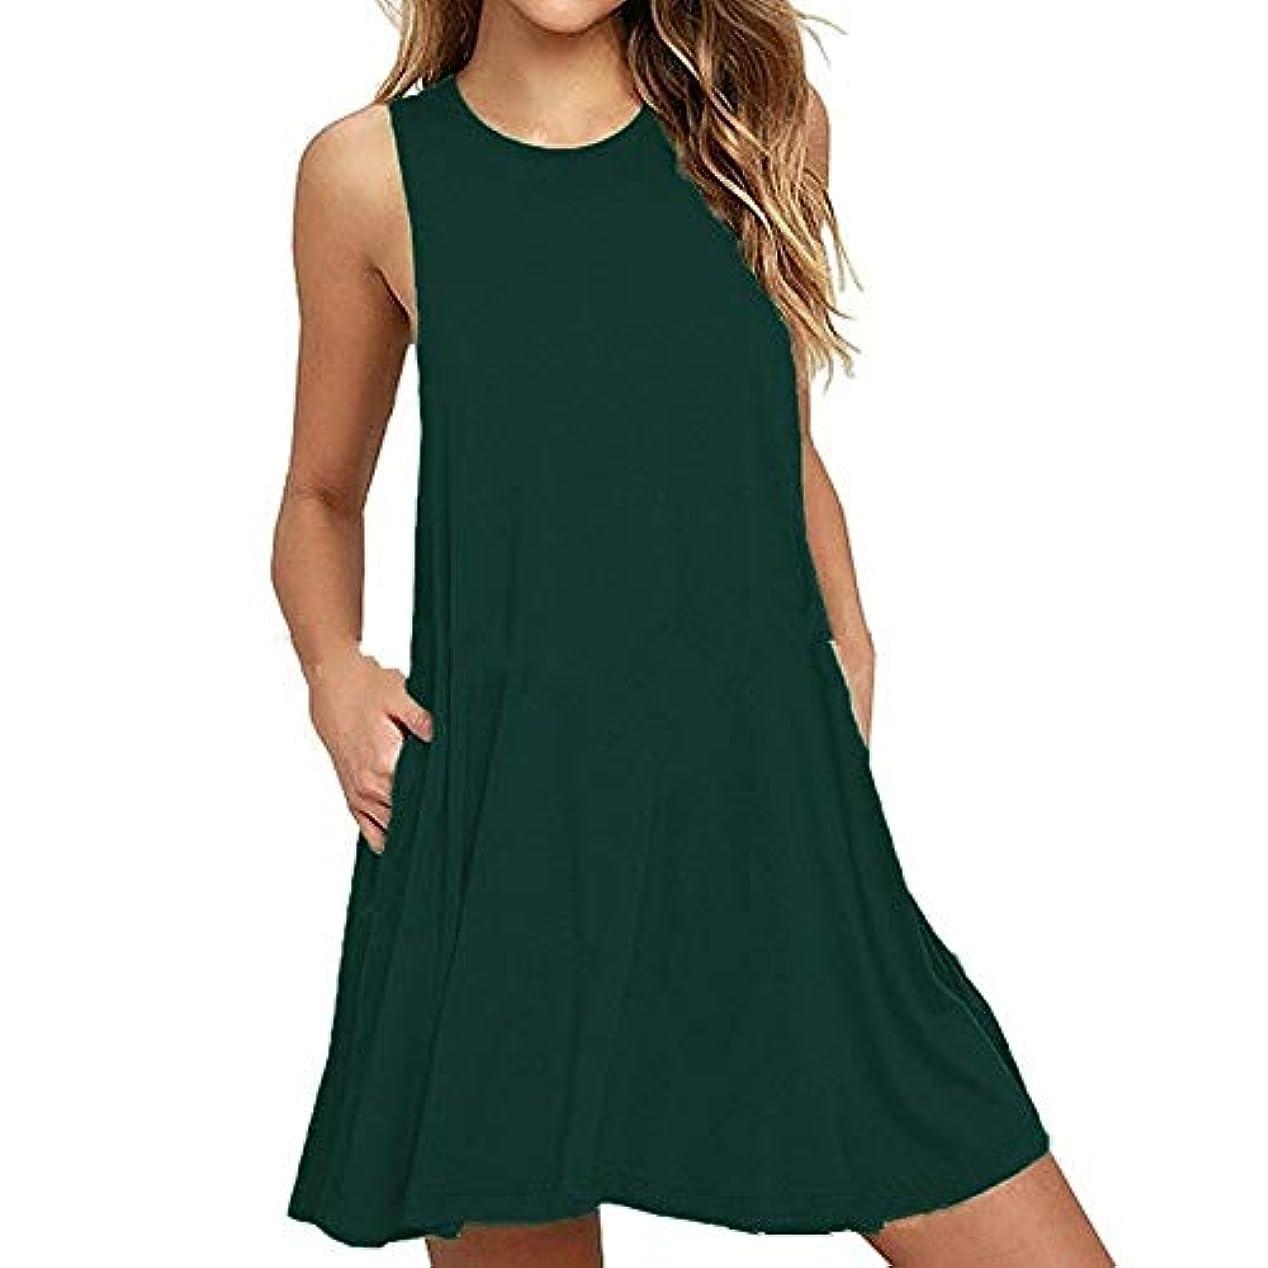 後悔資本同化するMIFAN 人の女性のドレス、プラスサイズのドレス、ノースリーブのドレス、ミニドレス、ホルタードレス、コットンドレス